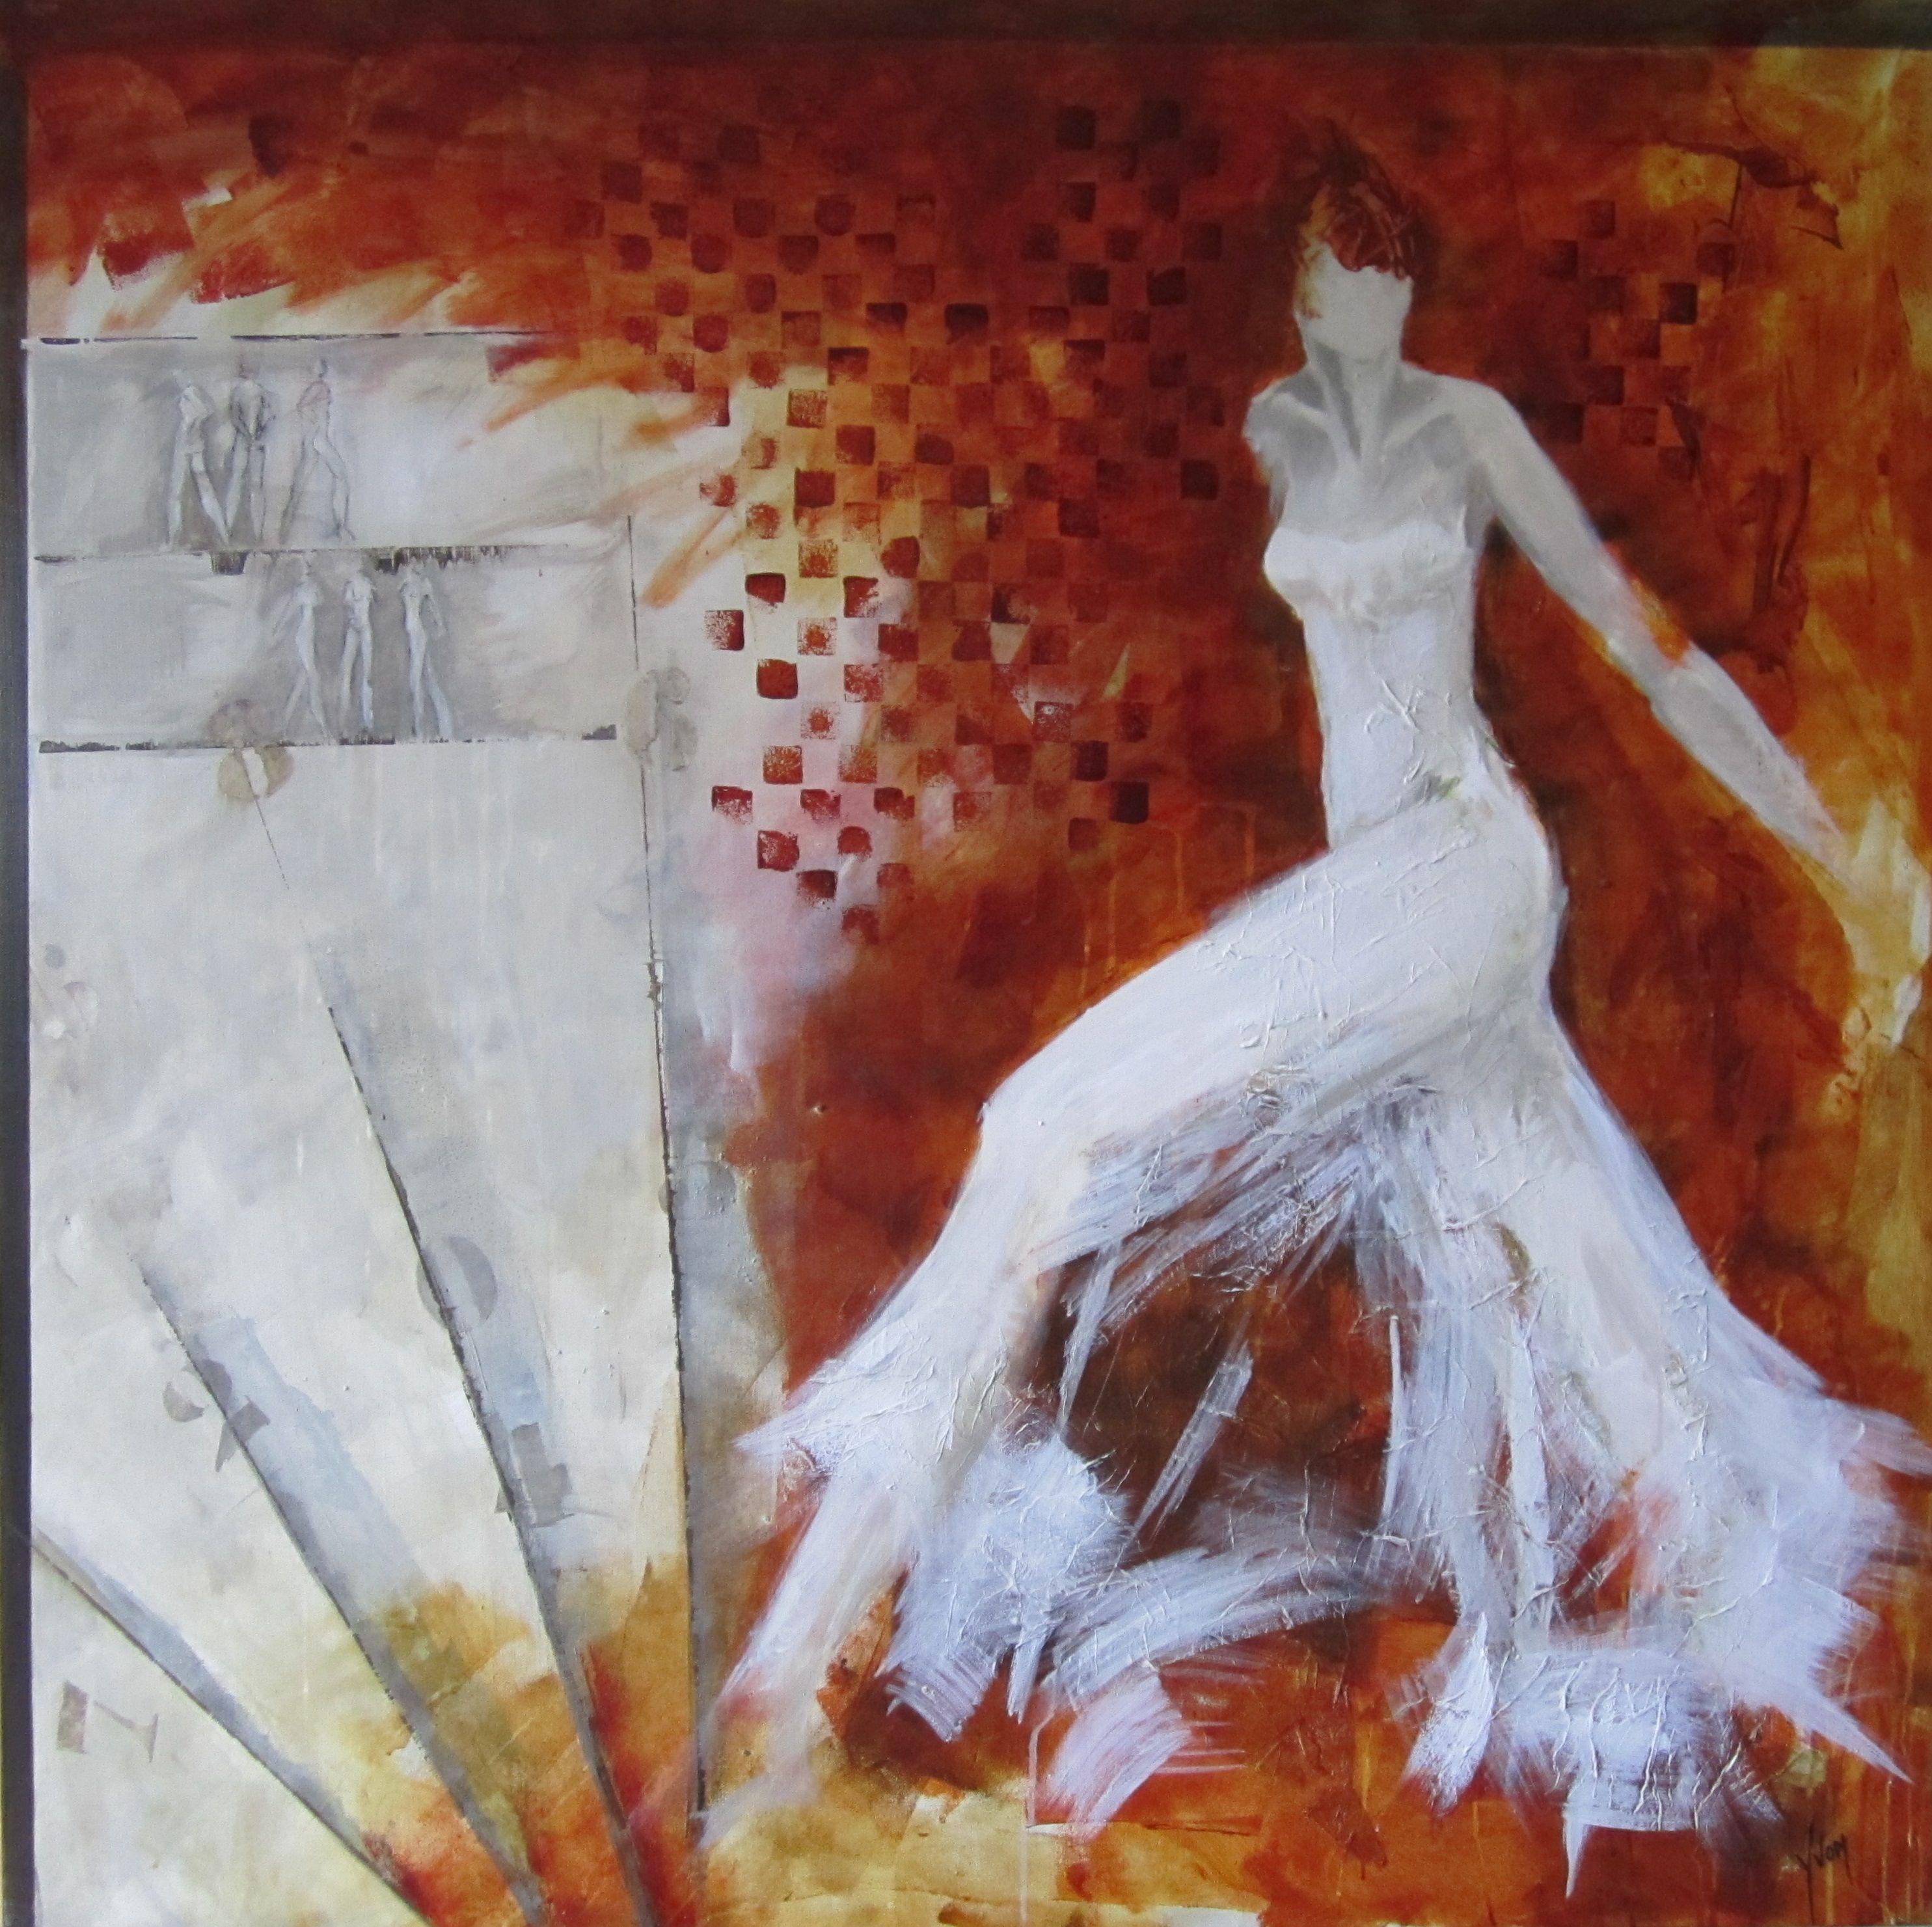 Schilderij figures dancing formaat 120x120 prchtige kleuren wit rood oranje gemengde - Bron schilderijen ...